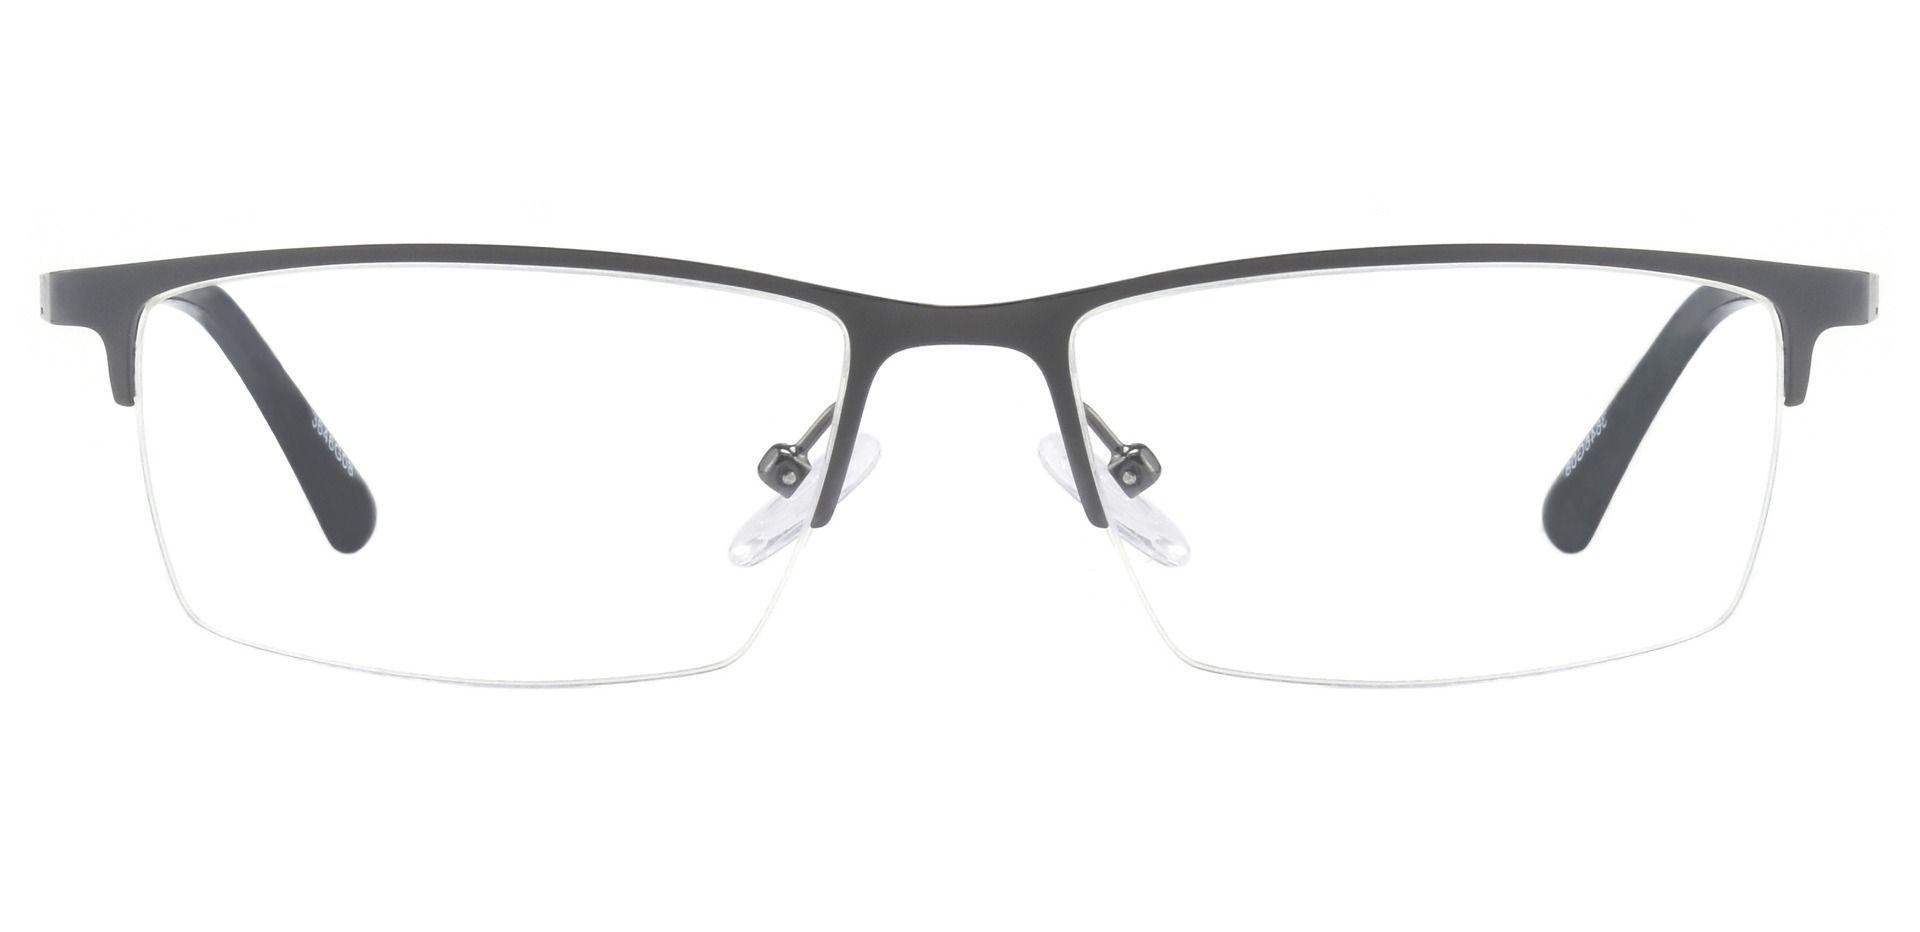 Lombard Rectangle Prescription Glasses - Gray